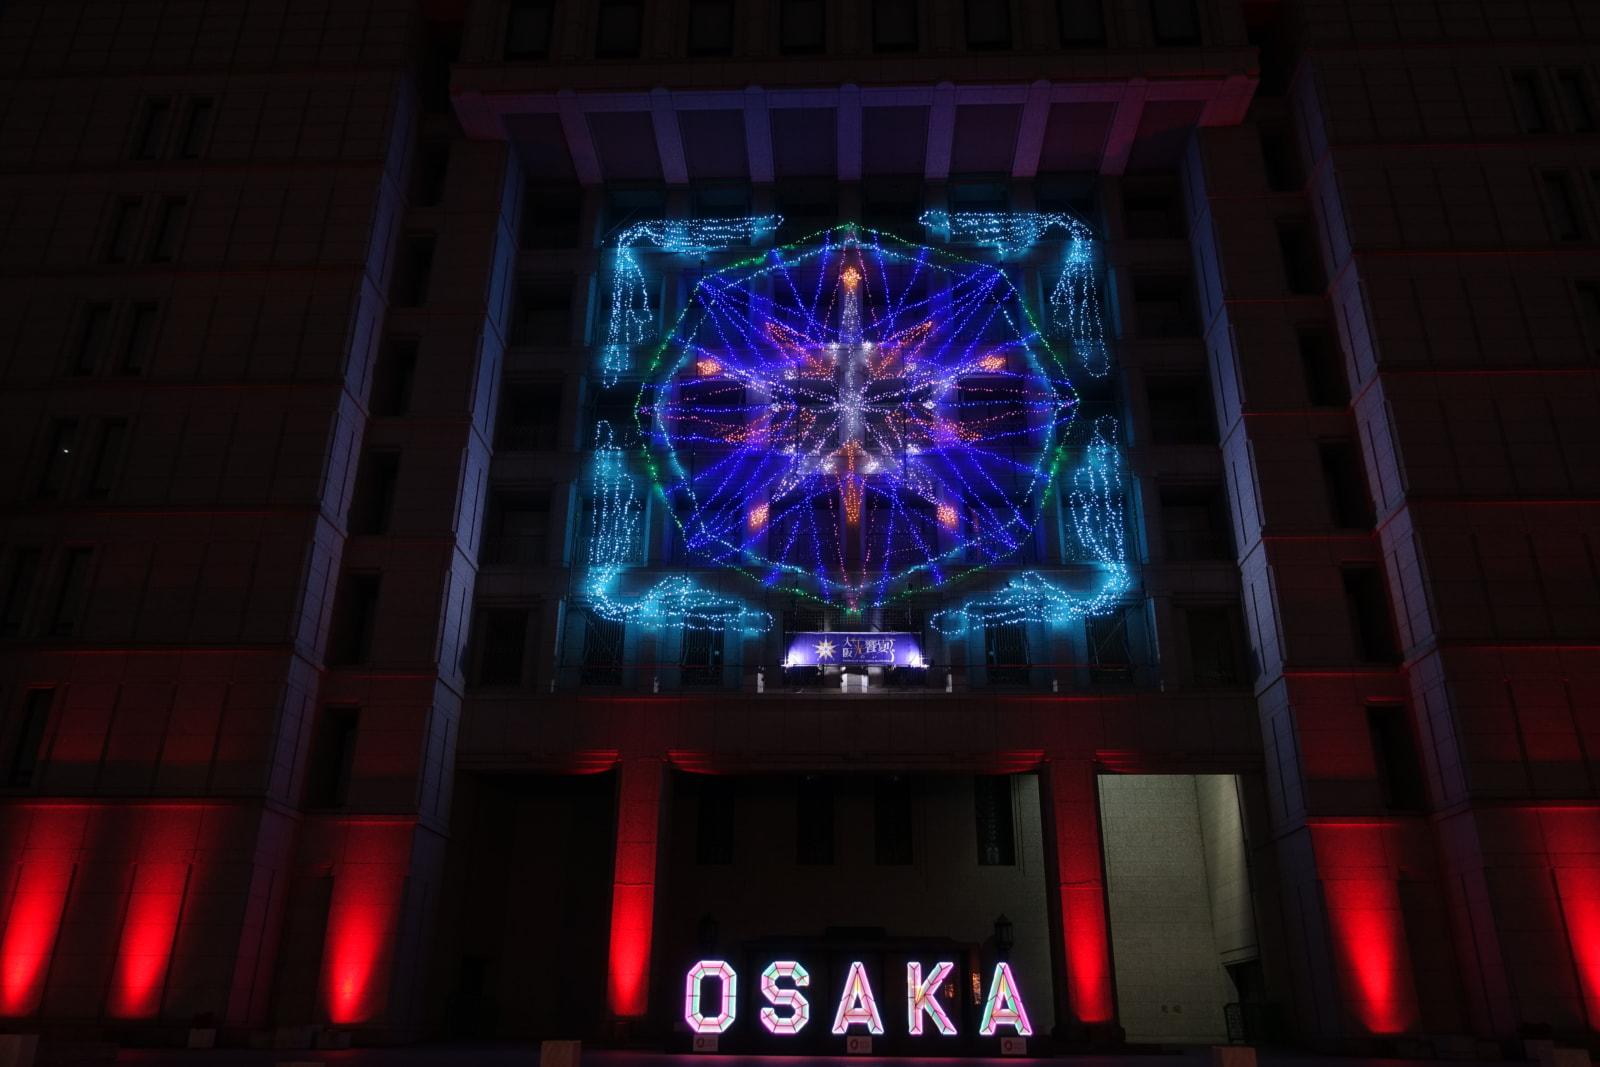 冬の風物詩「OSAKA光のルネサンス2020」が一部スタート!